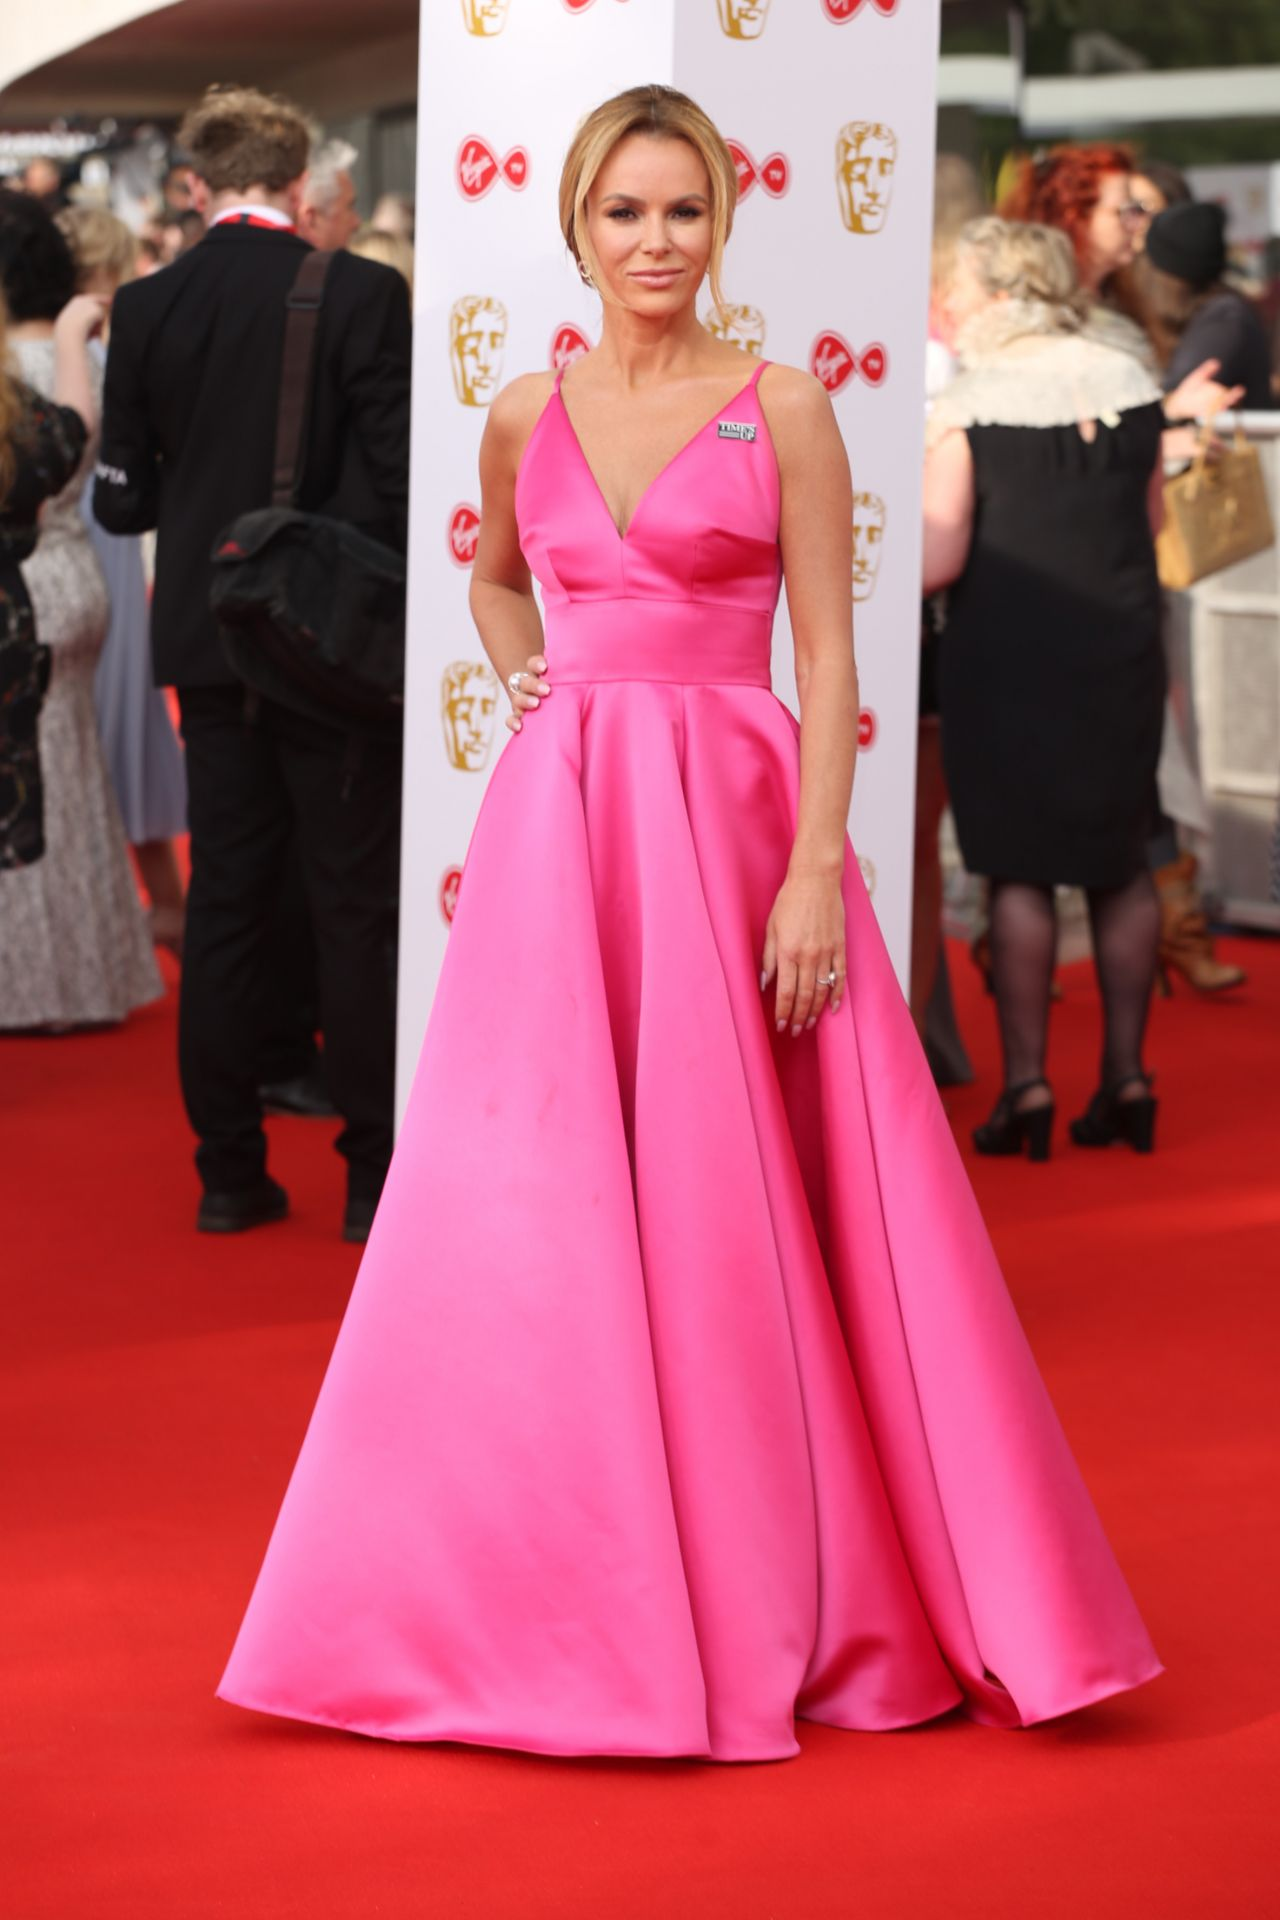 Fantastisch Amanda Holden Wedding Dress Bilder - Brautkleider Ideen ...